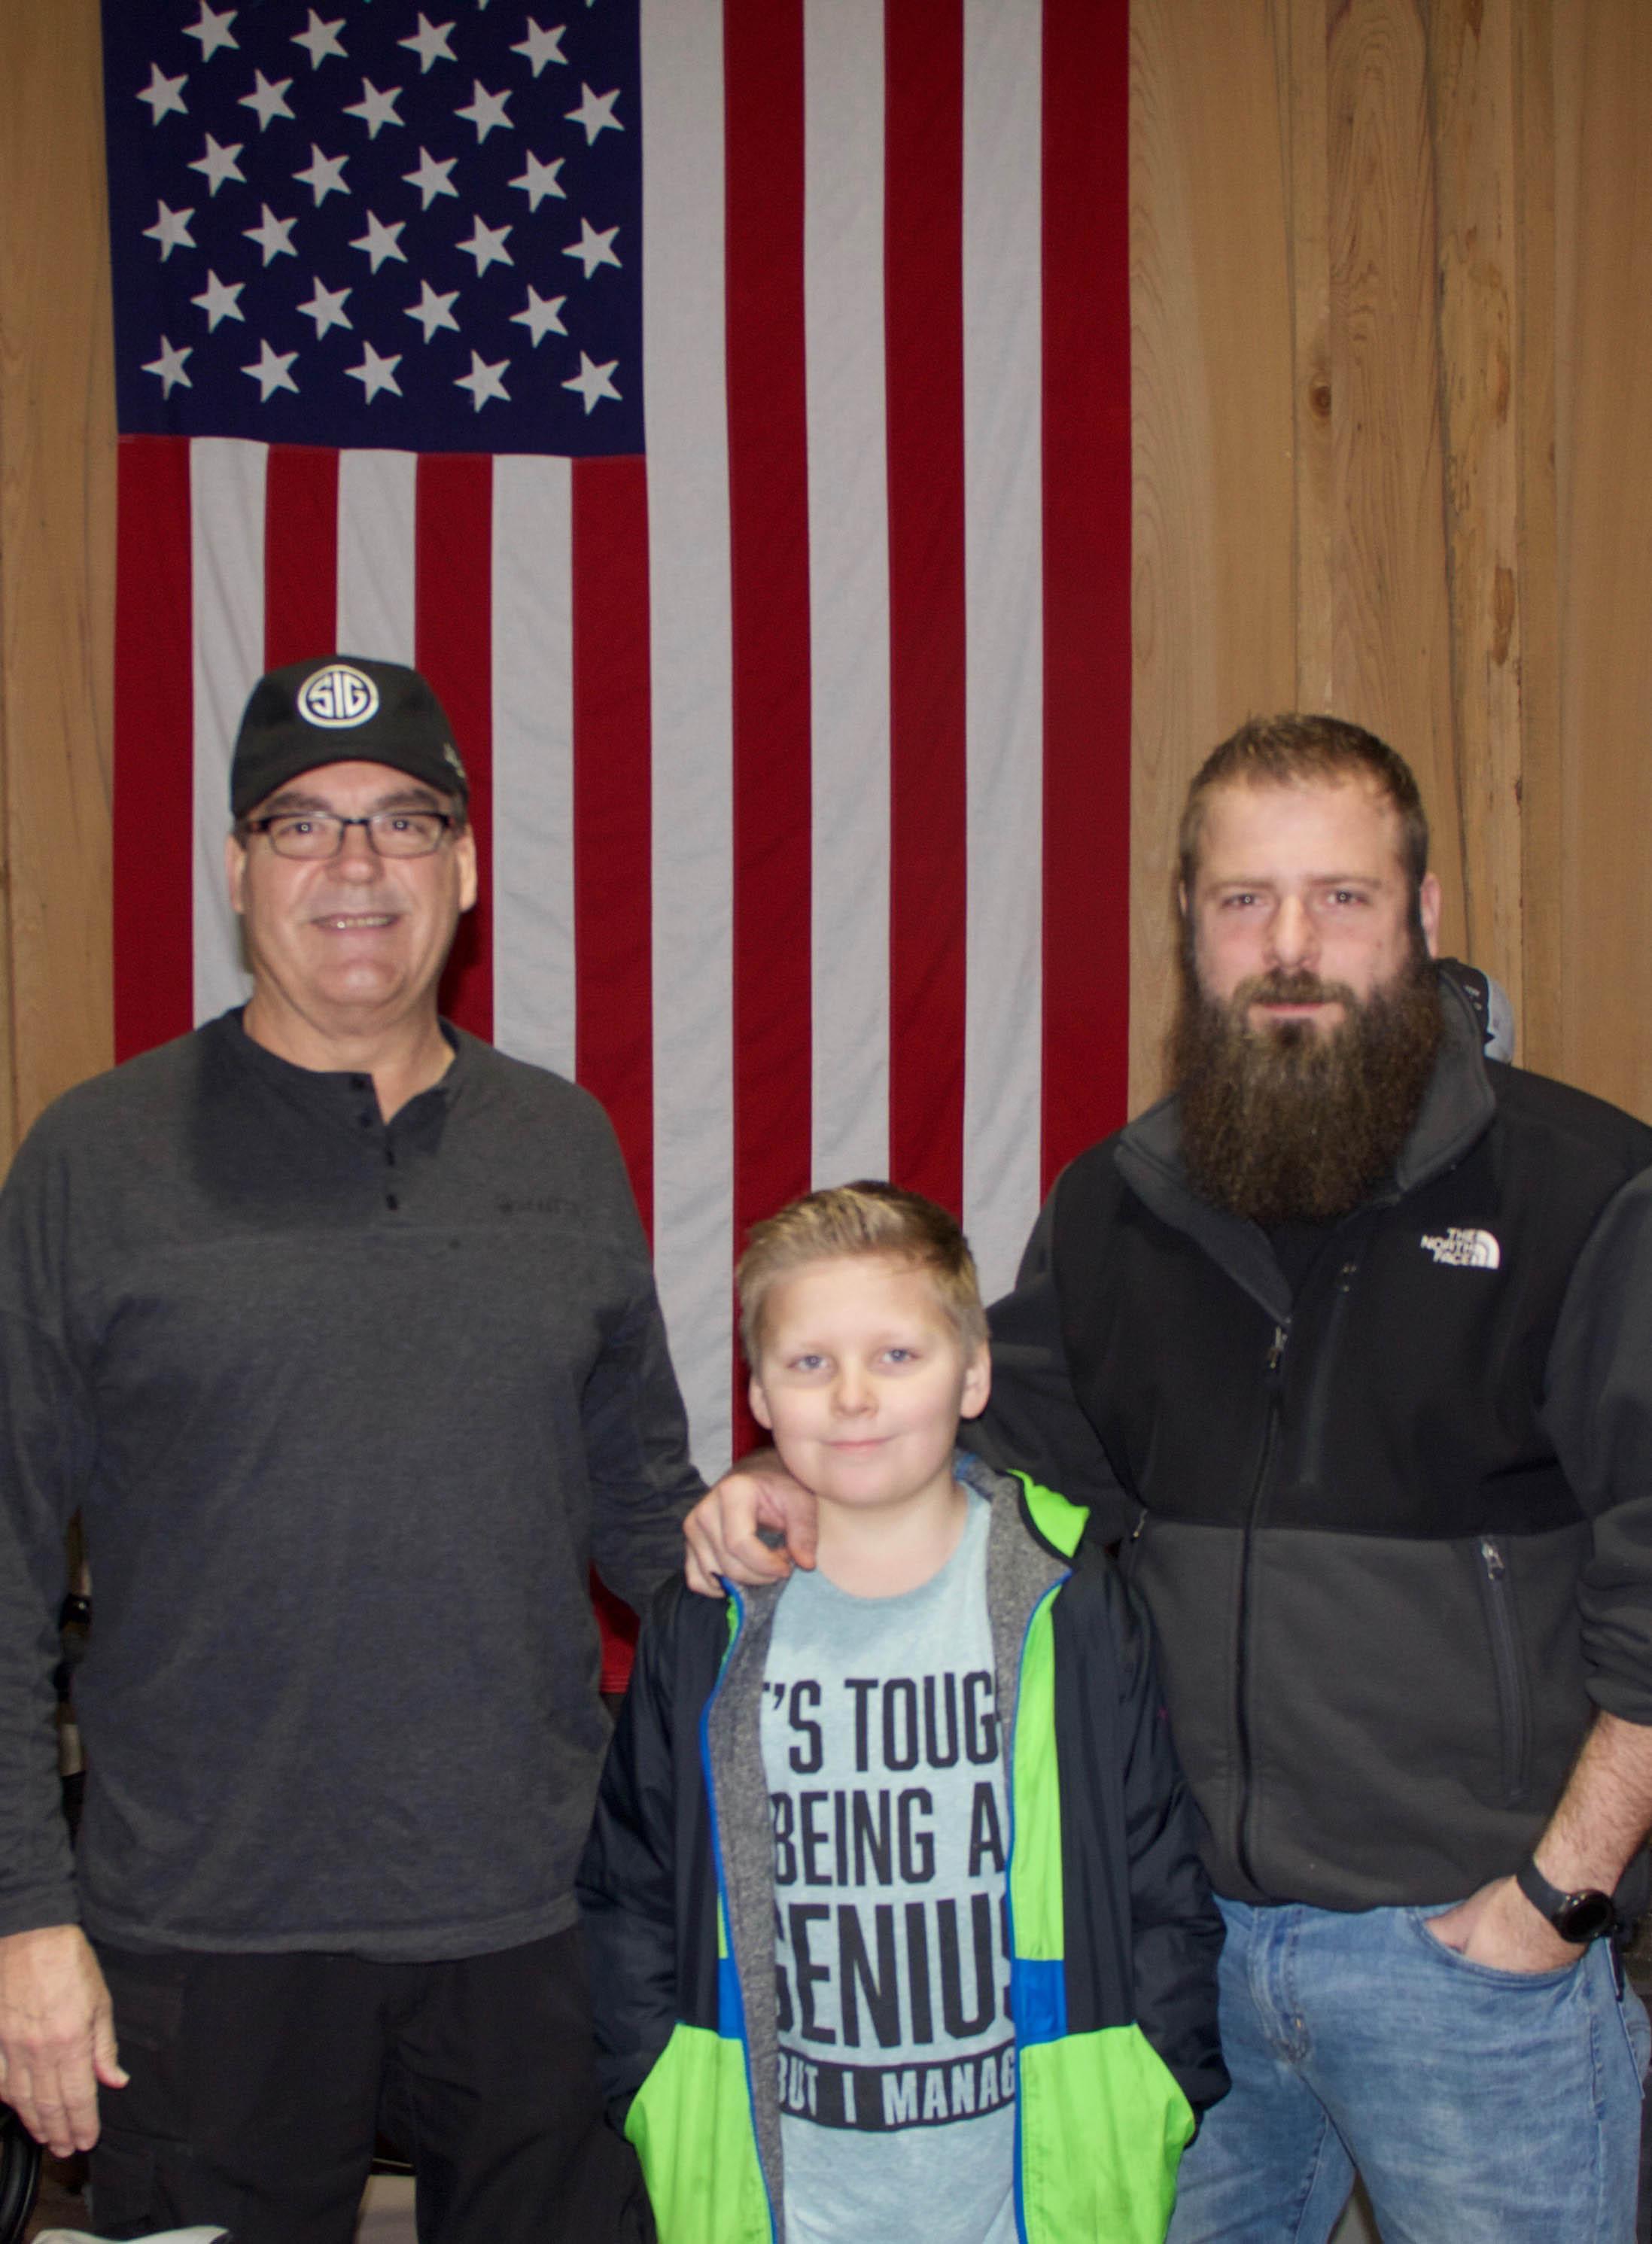 Stan Garrett, Ethan Maynard and Cody Maynard of Garrett's Outdoor Supplies